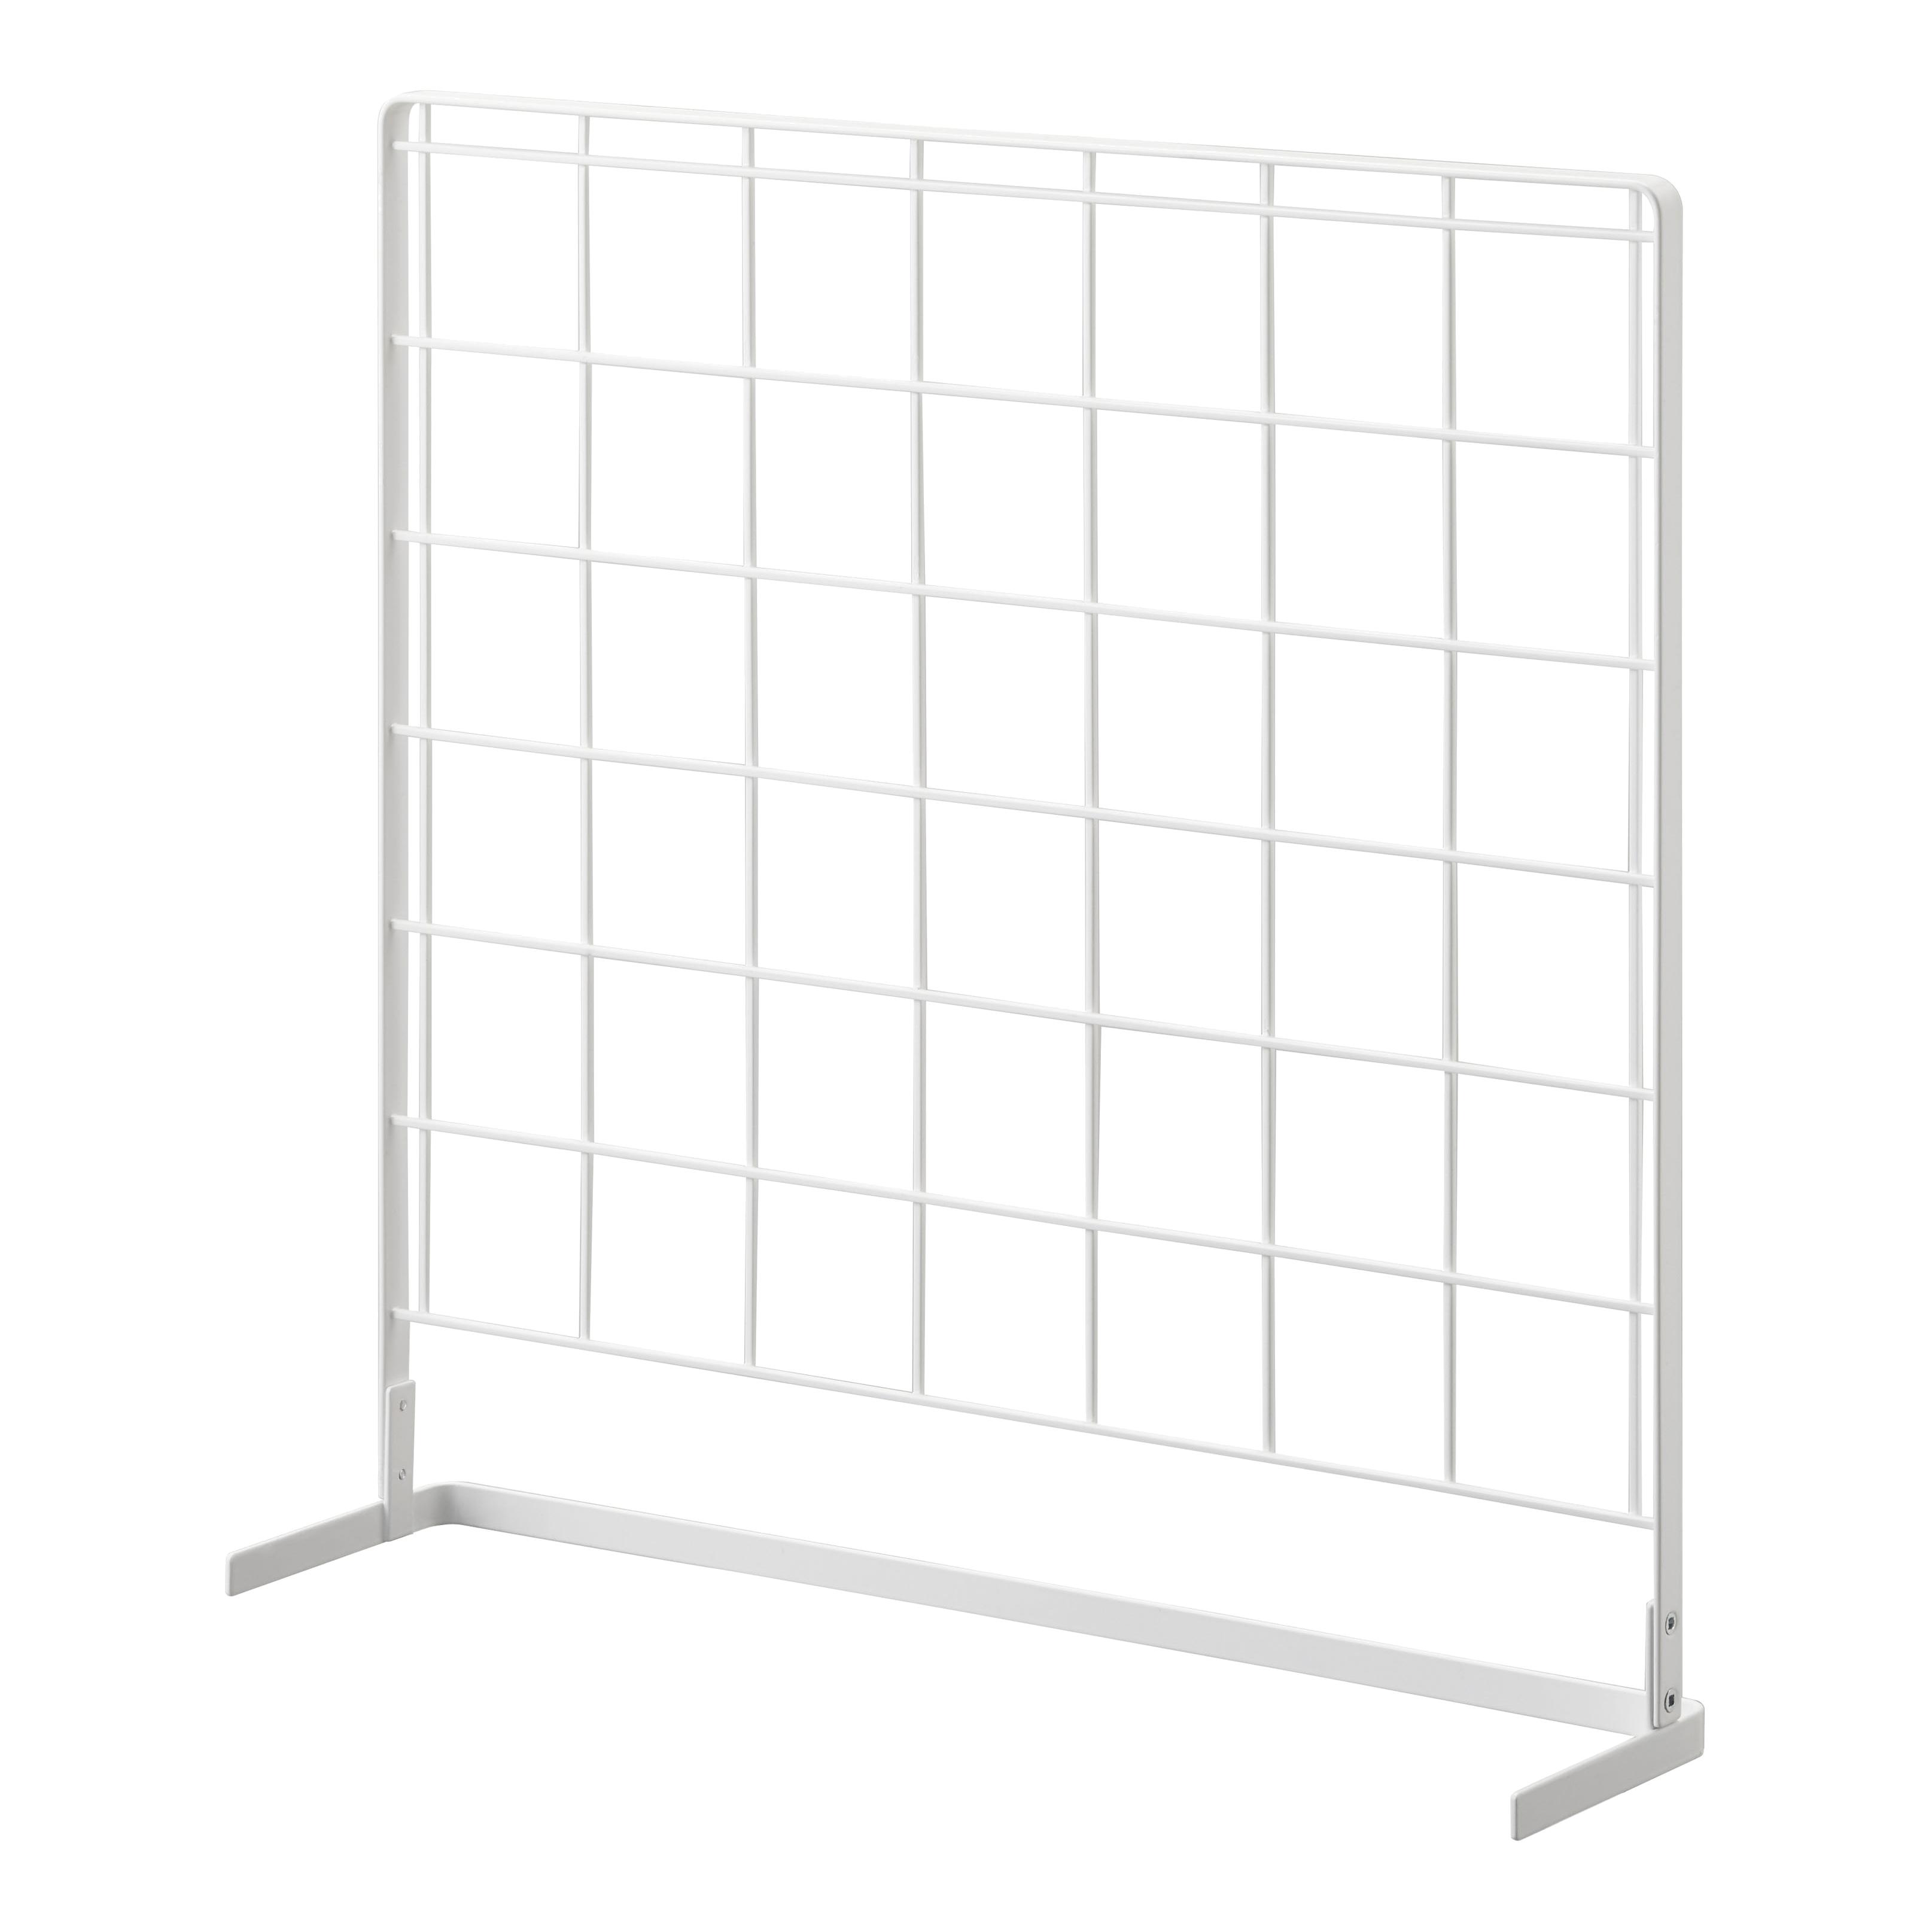 Grid Panel Organizer And Accessories In 2020 Grid Panel Kitchen Roll Kitchen Storage Cart